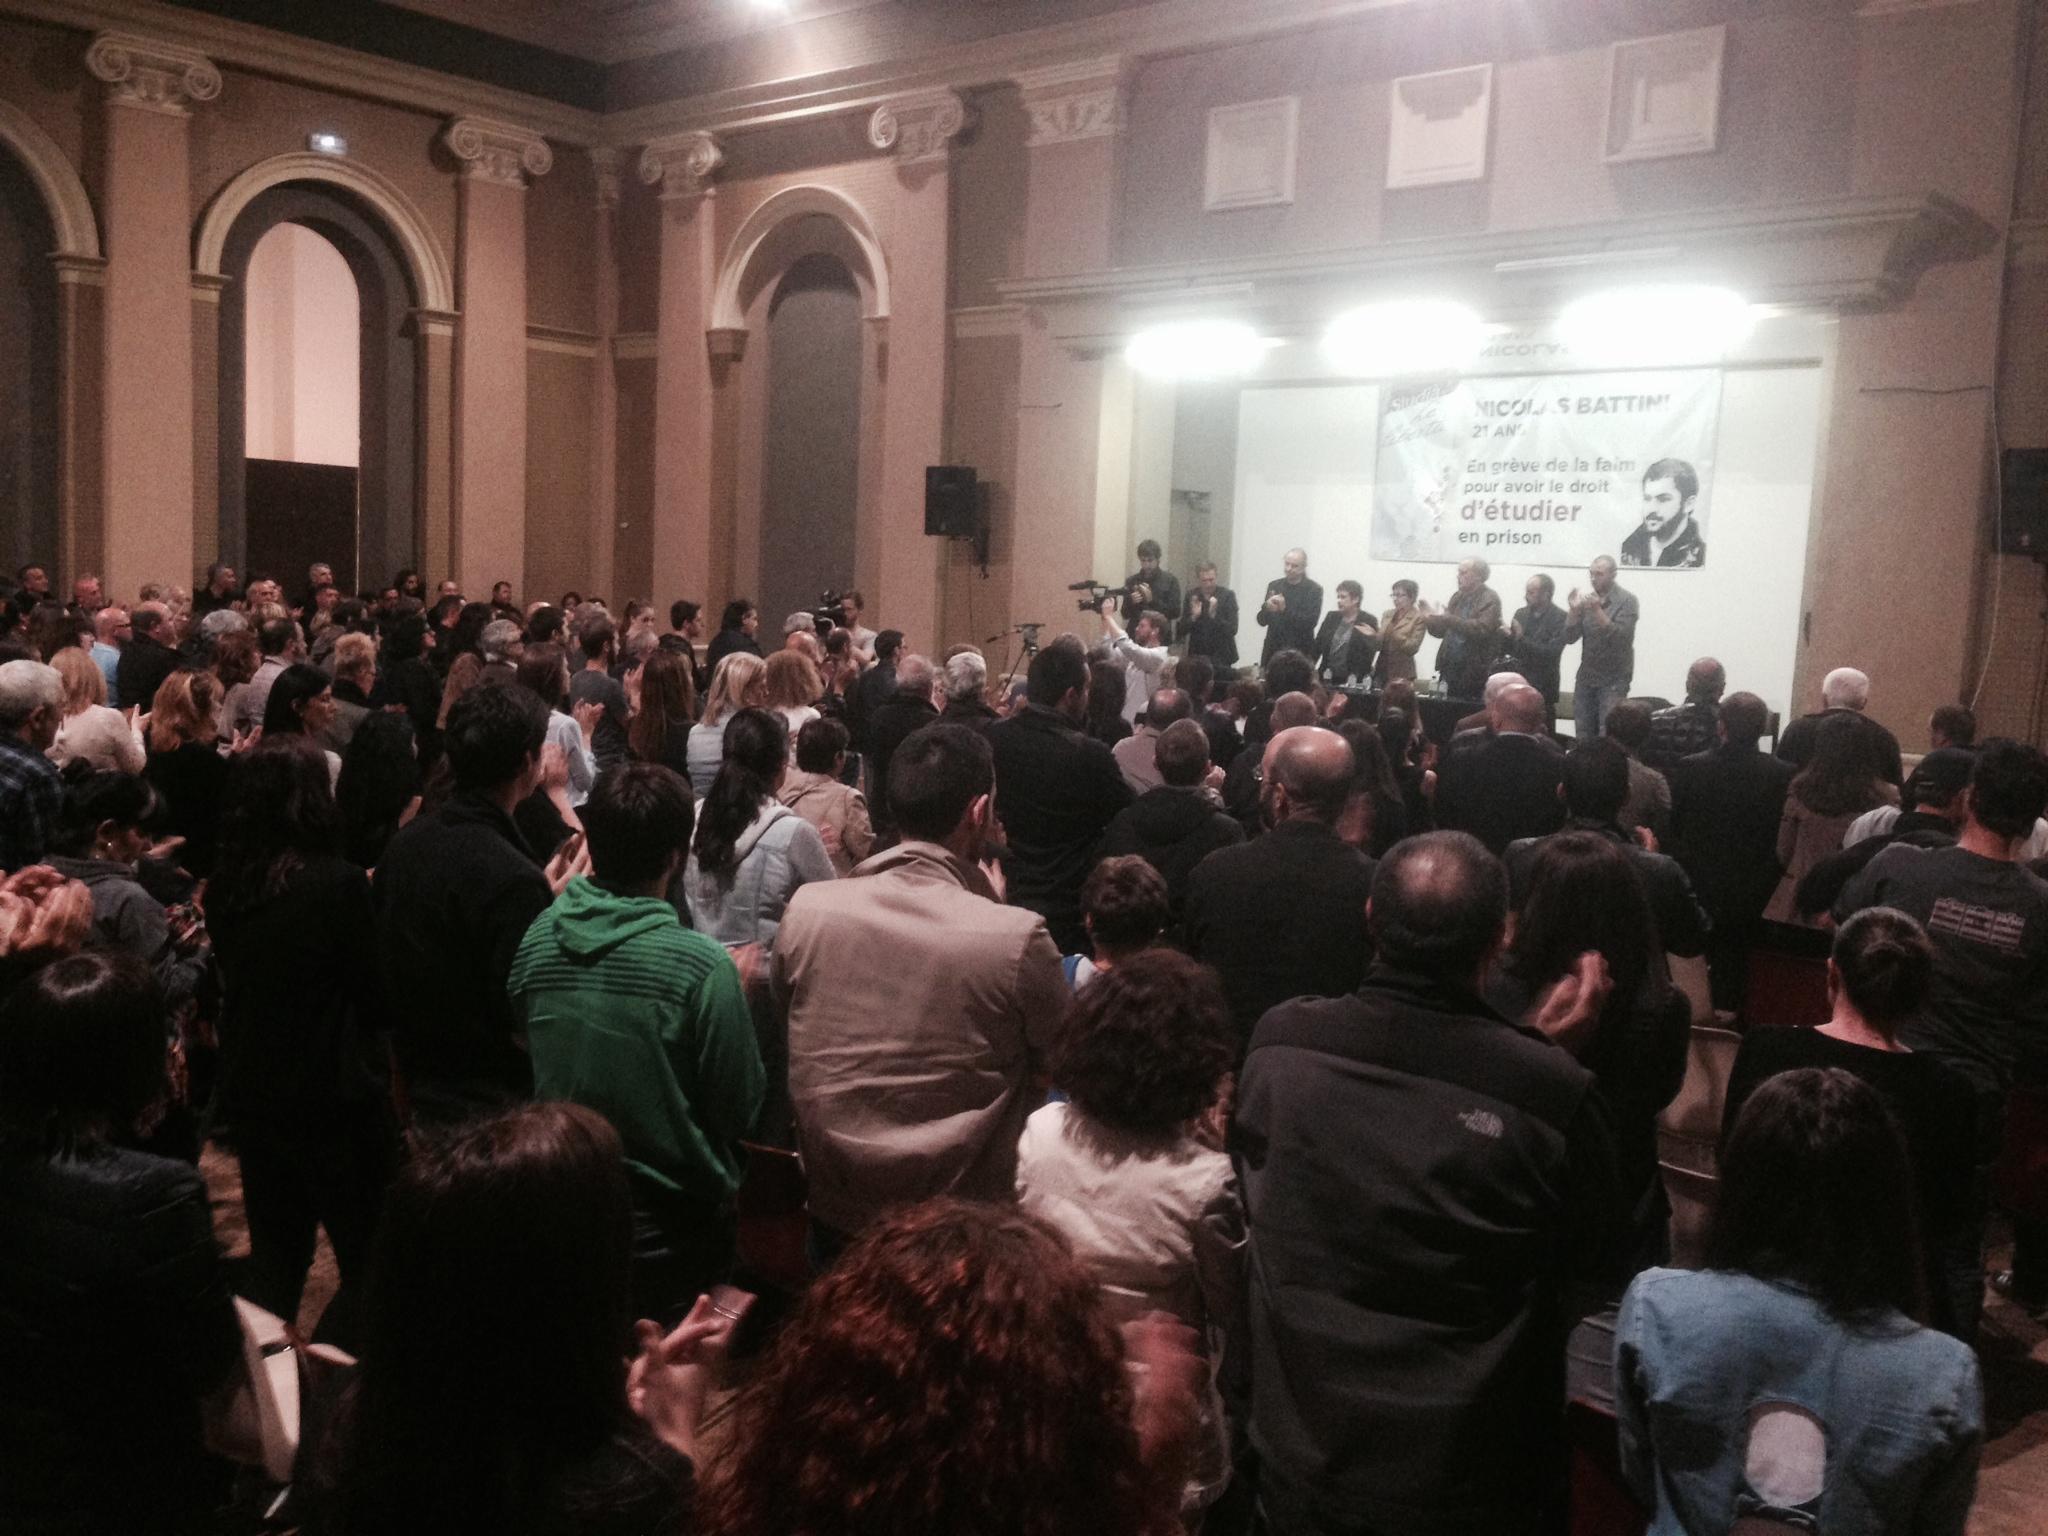 La salle des congrès était pleine ce mercredi soir pour soutenir Nicolas Battini